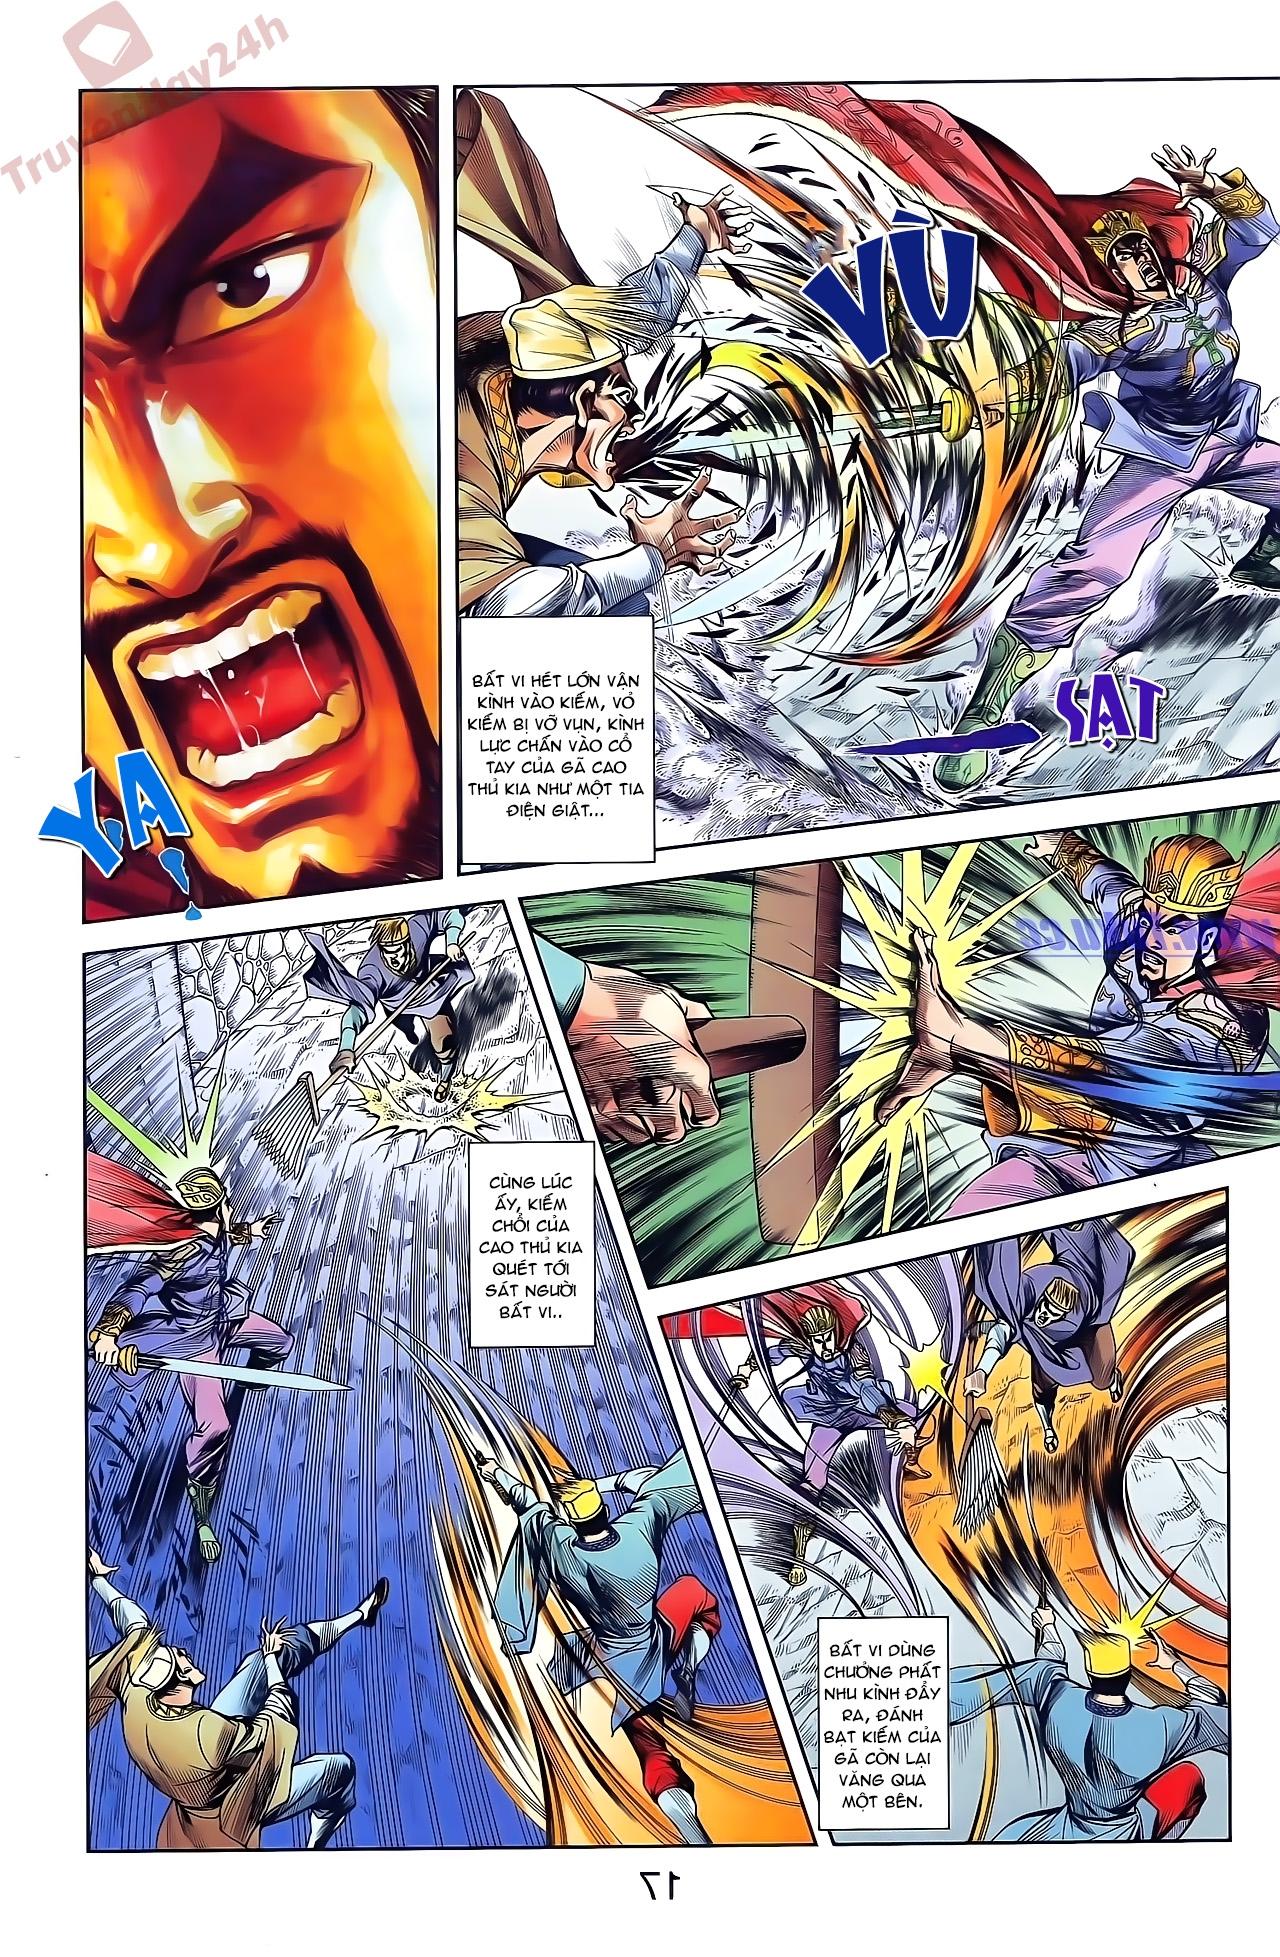 Tần Vương Doanh Chính chapter 48 trang 3